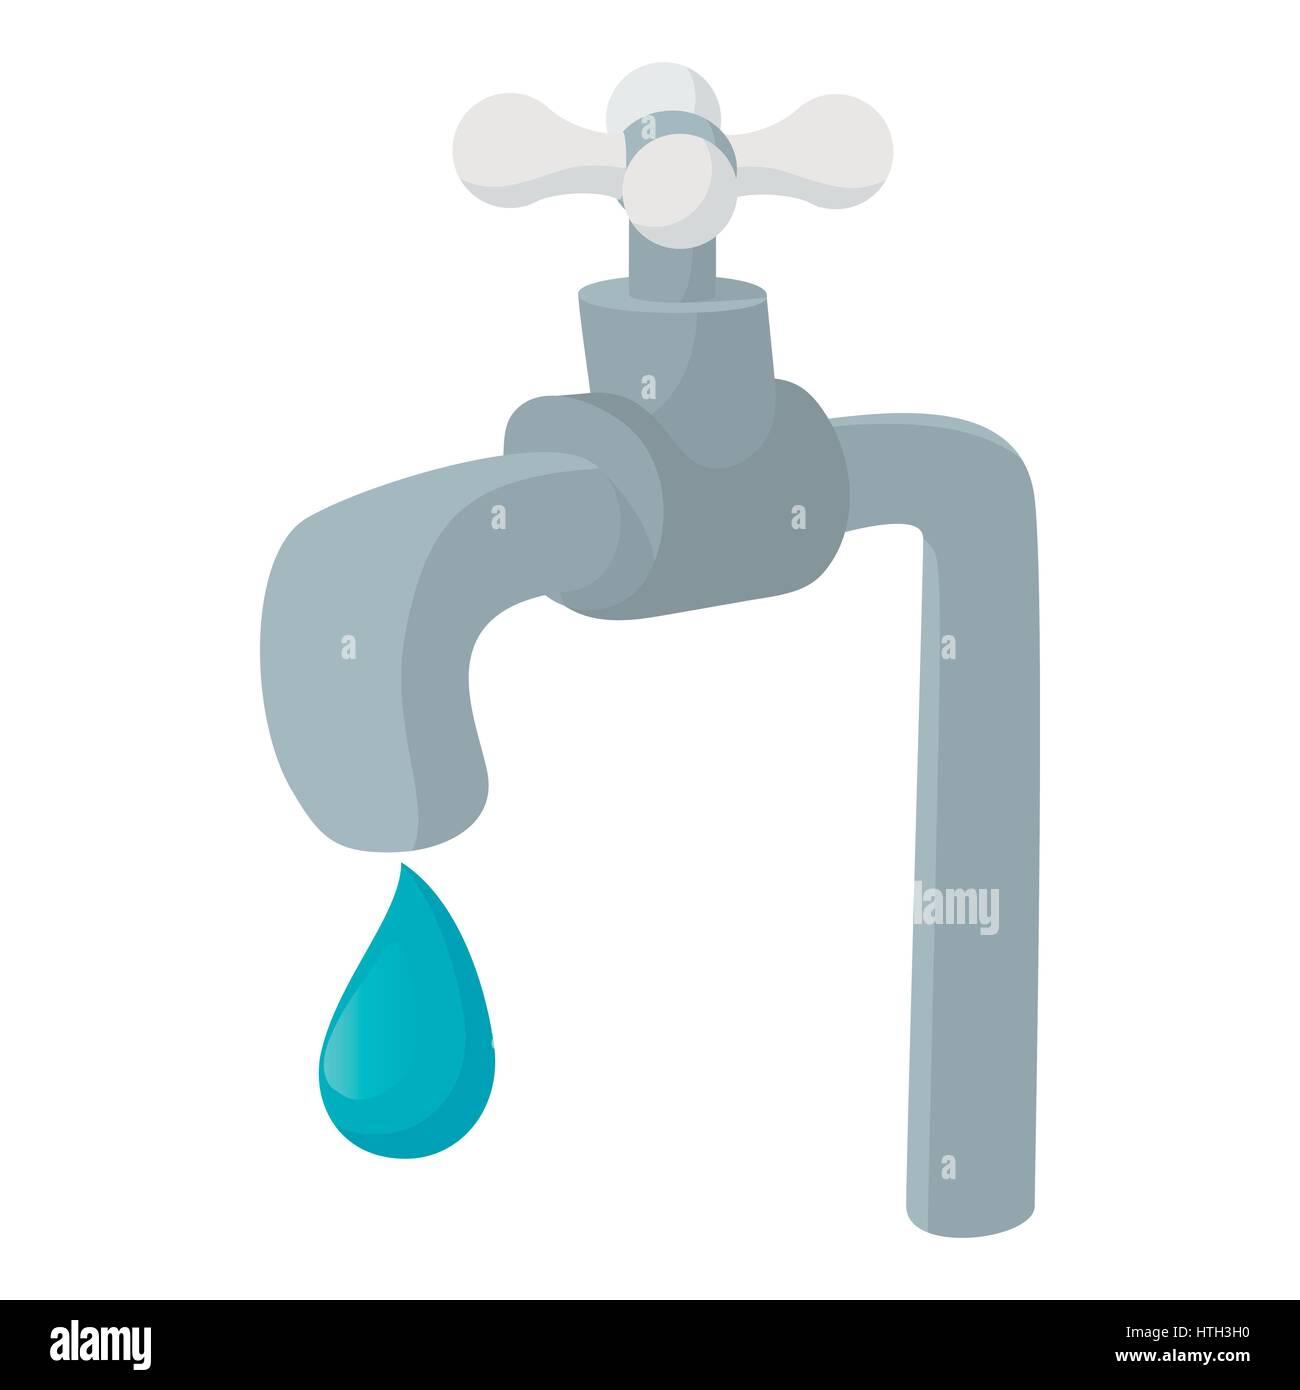 Water tap icon, cartoon style Stock Vector Art & Illustration ...